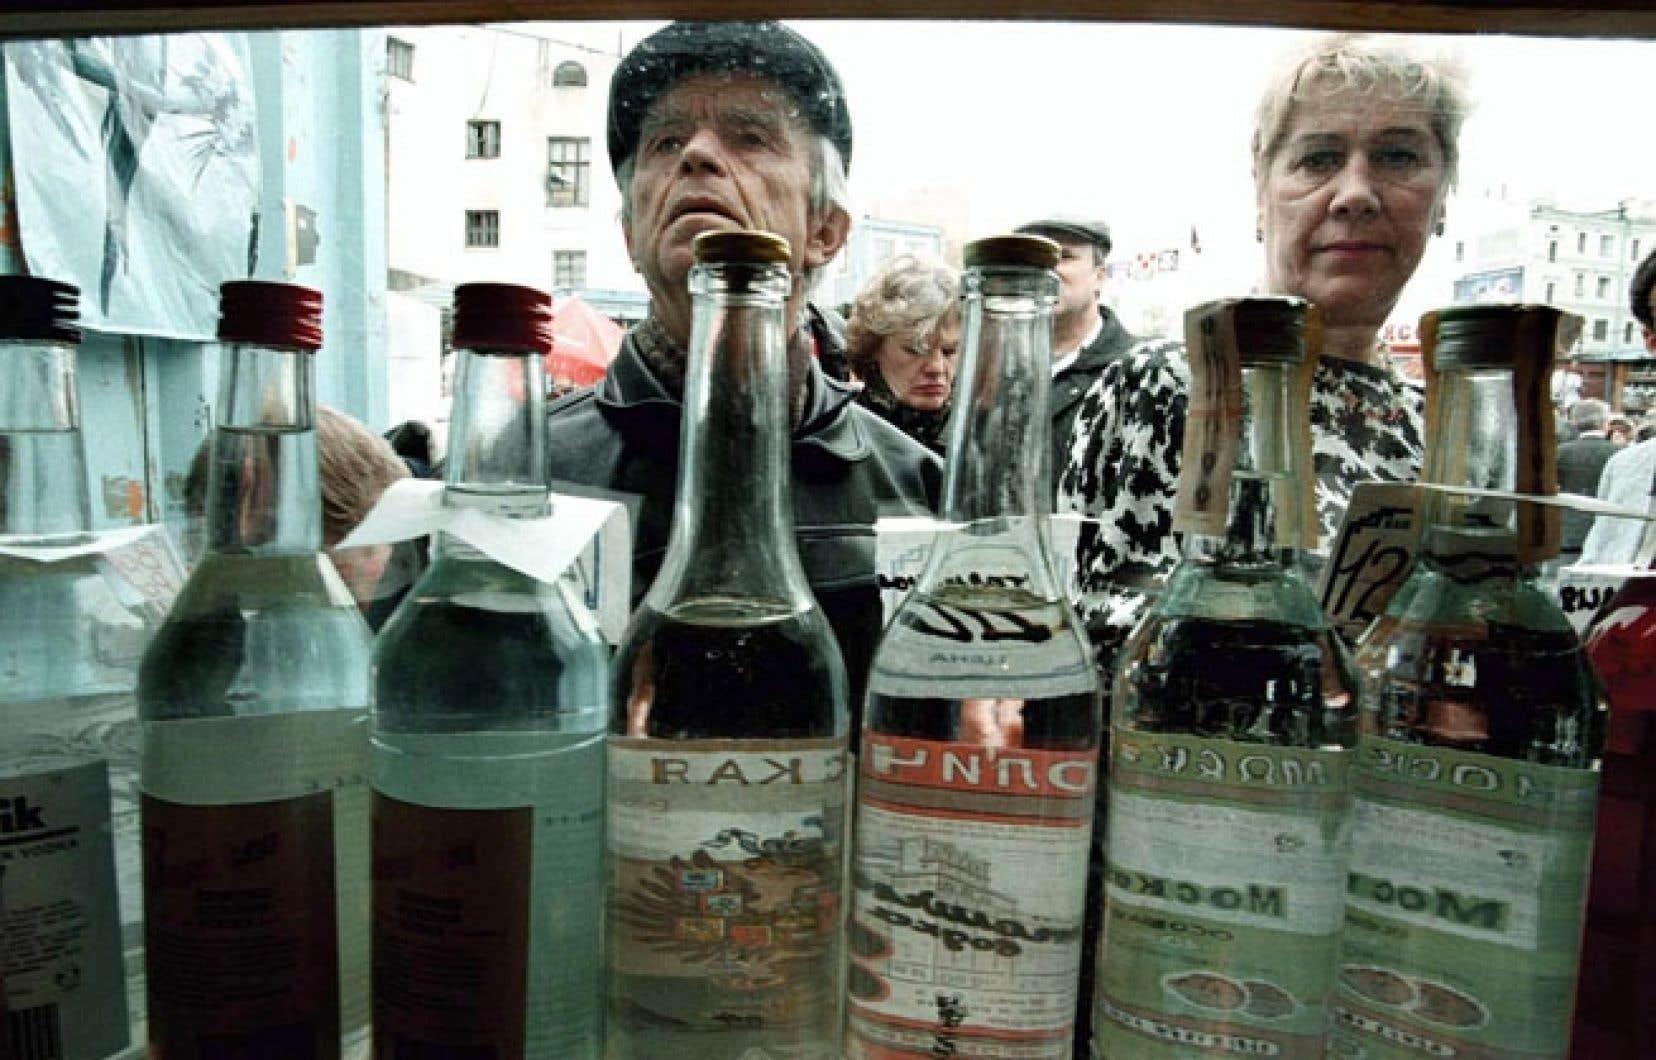 L'espérance de vie des hommes russes ne dépassse pas 63 ans en raison de l'alcoolisme.